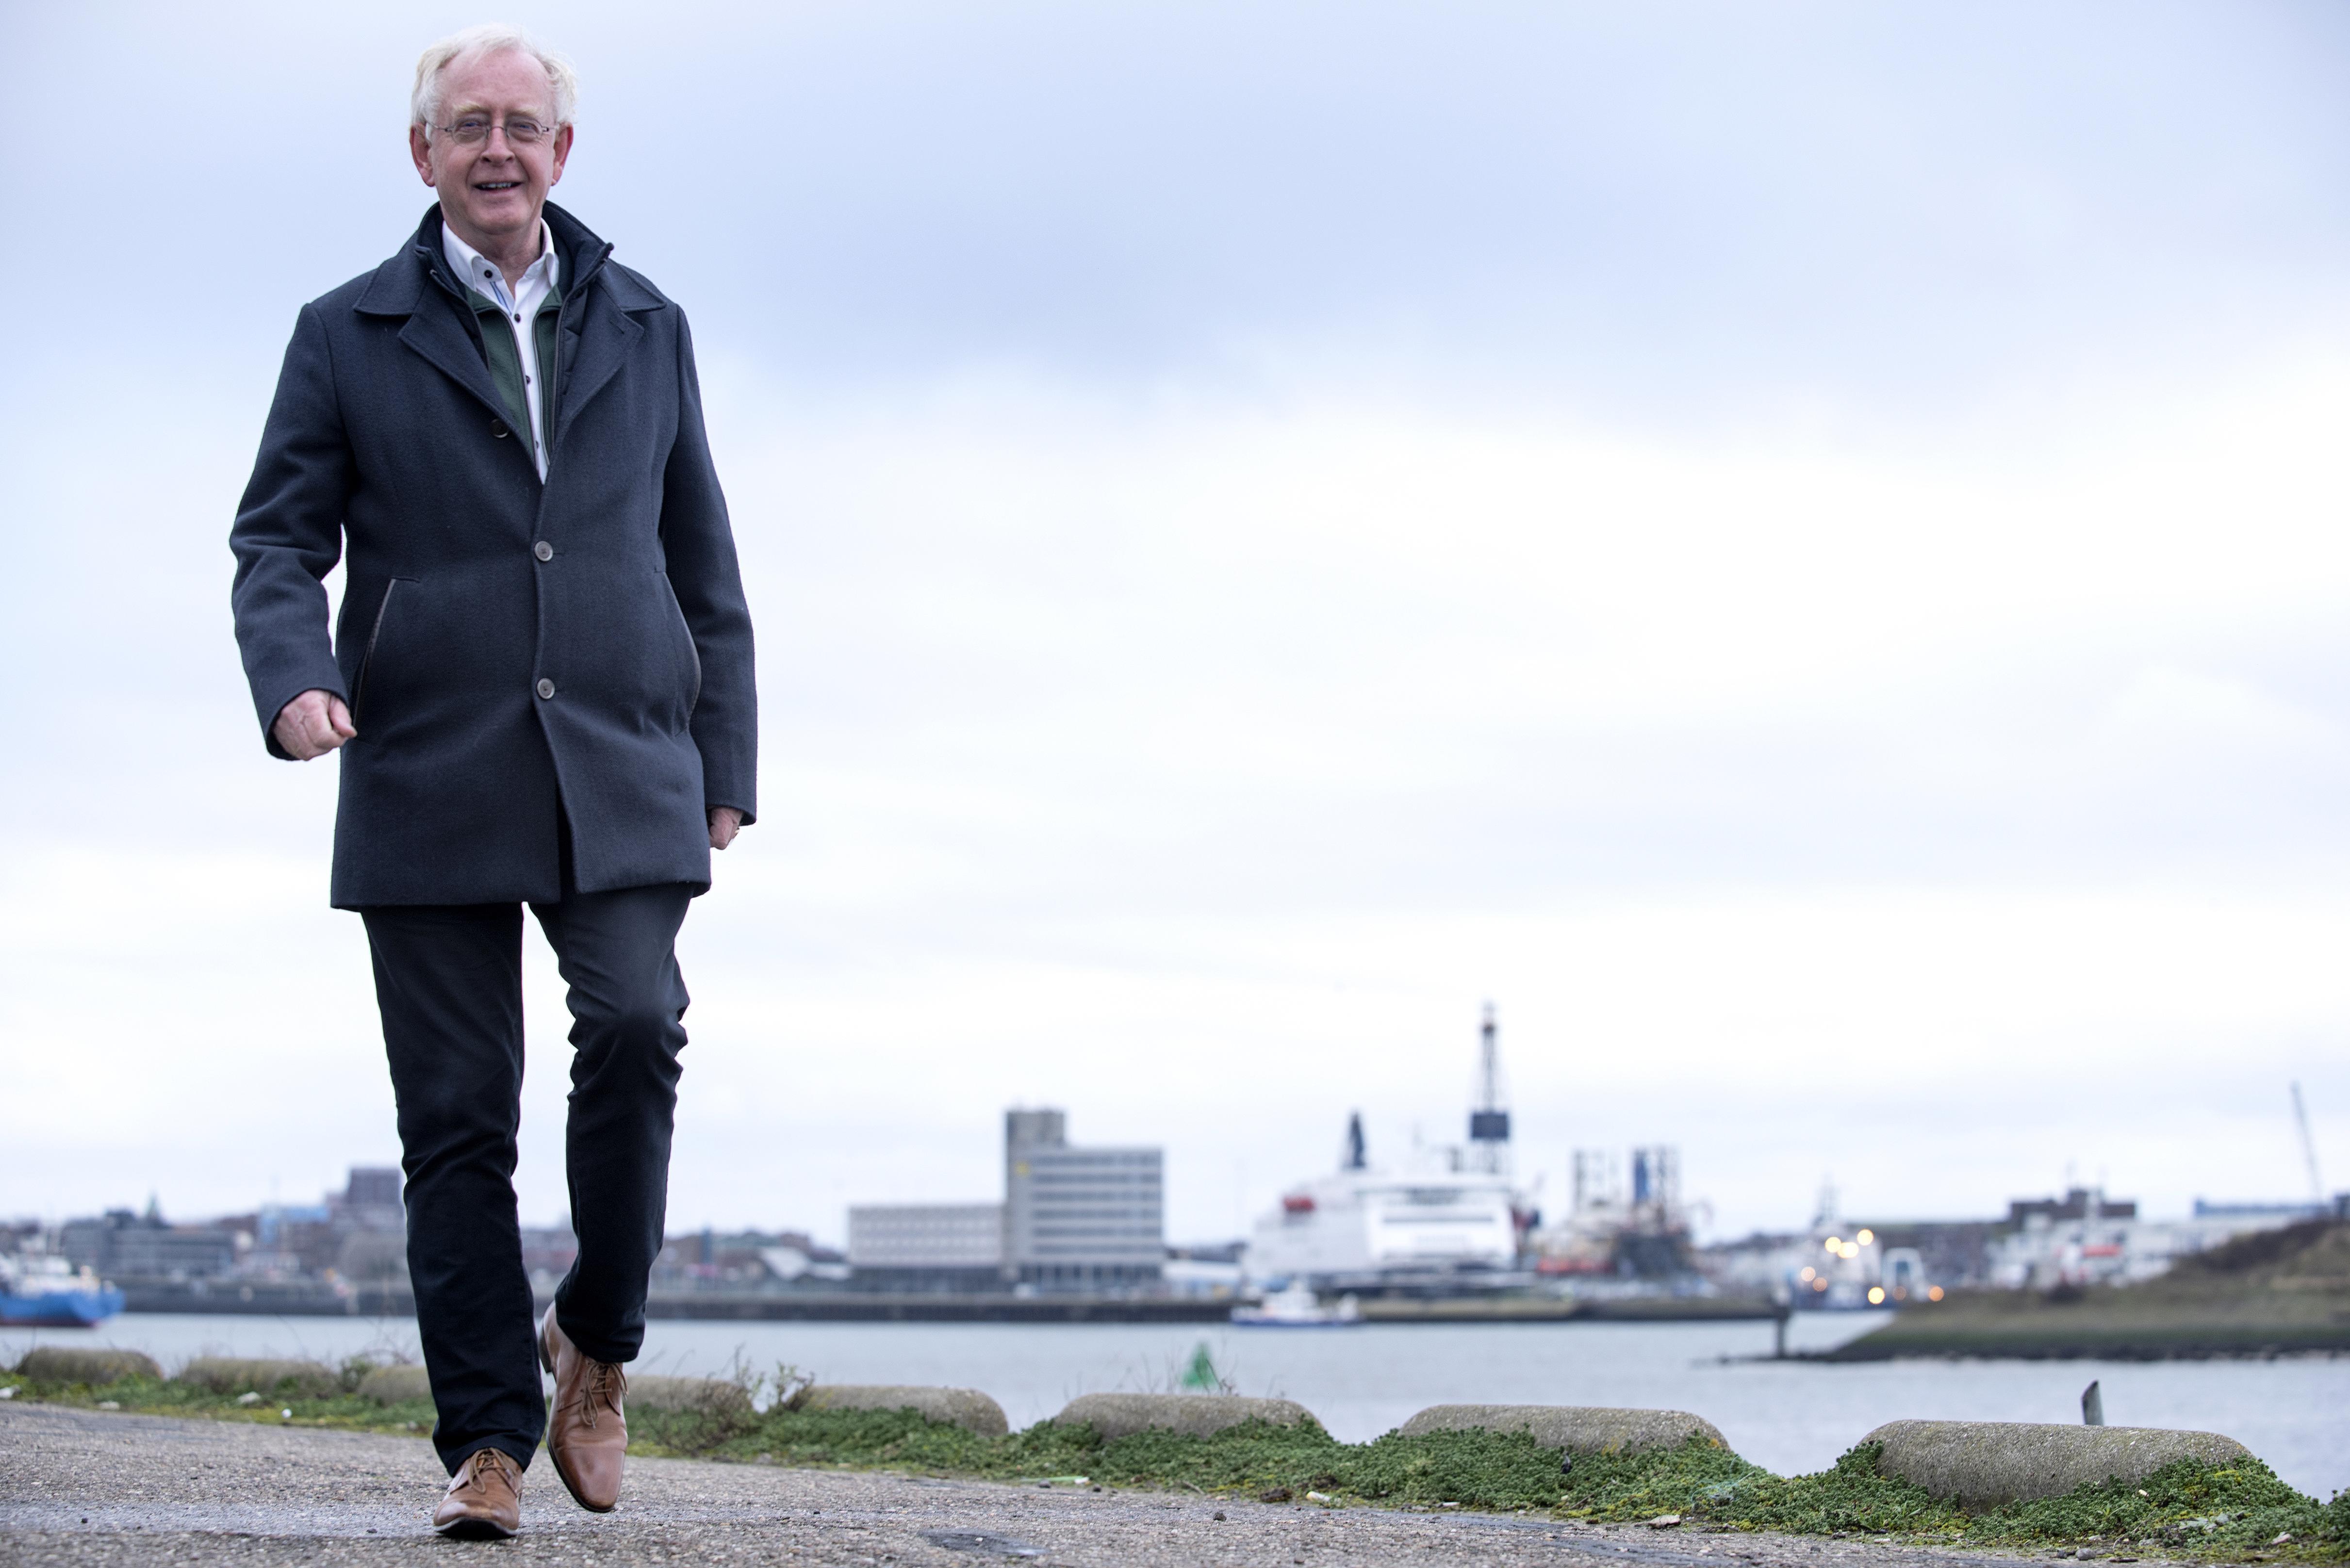 2021 moet voor ondernemers in de IJmond het jaar van het afval worden: 'Upcycle your waste'